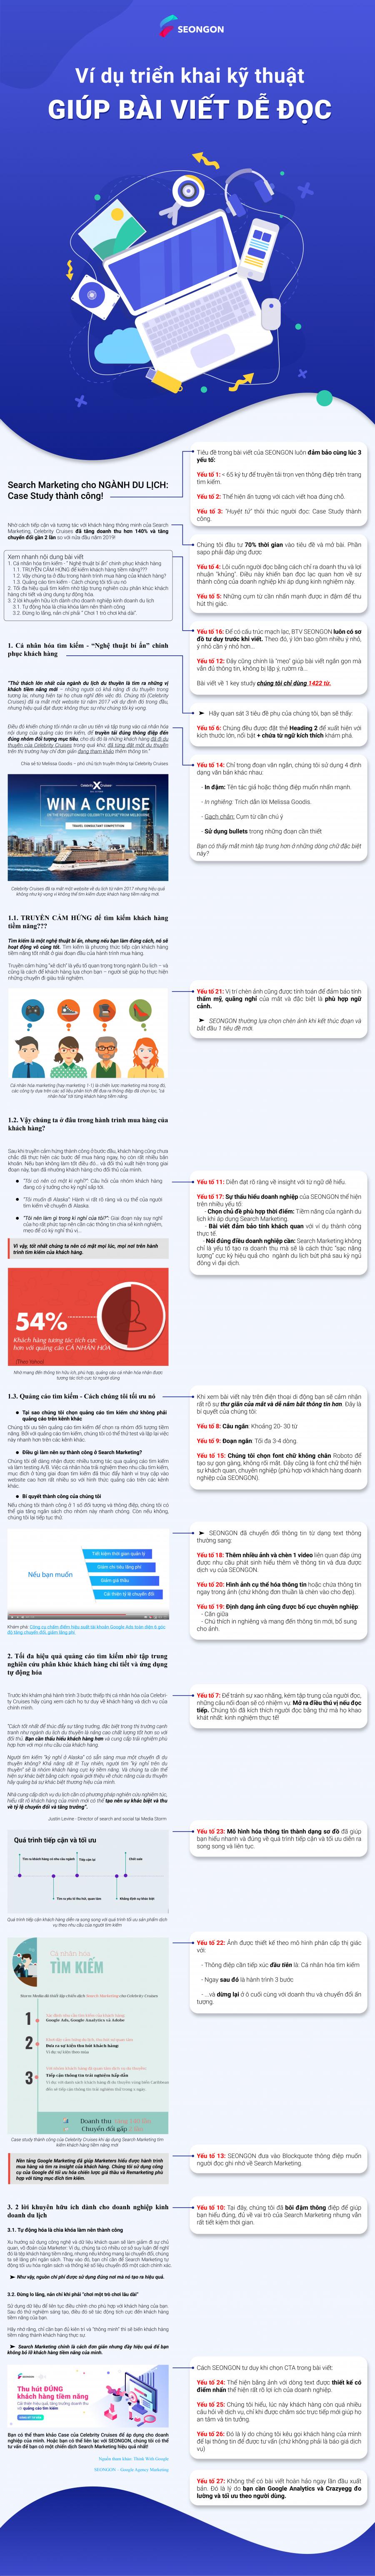 27 tips viết nội dung dễ đọc